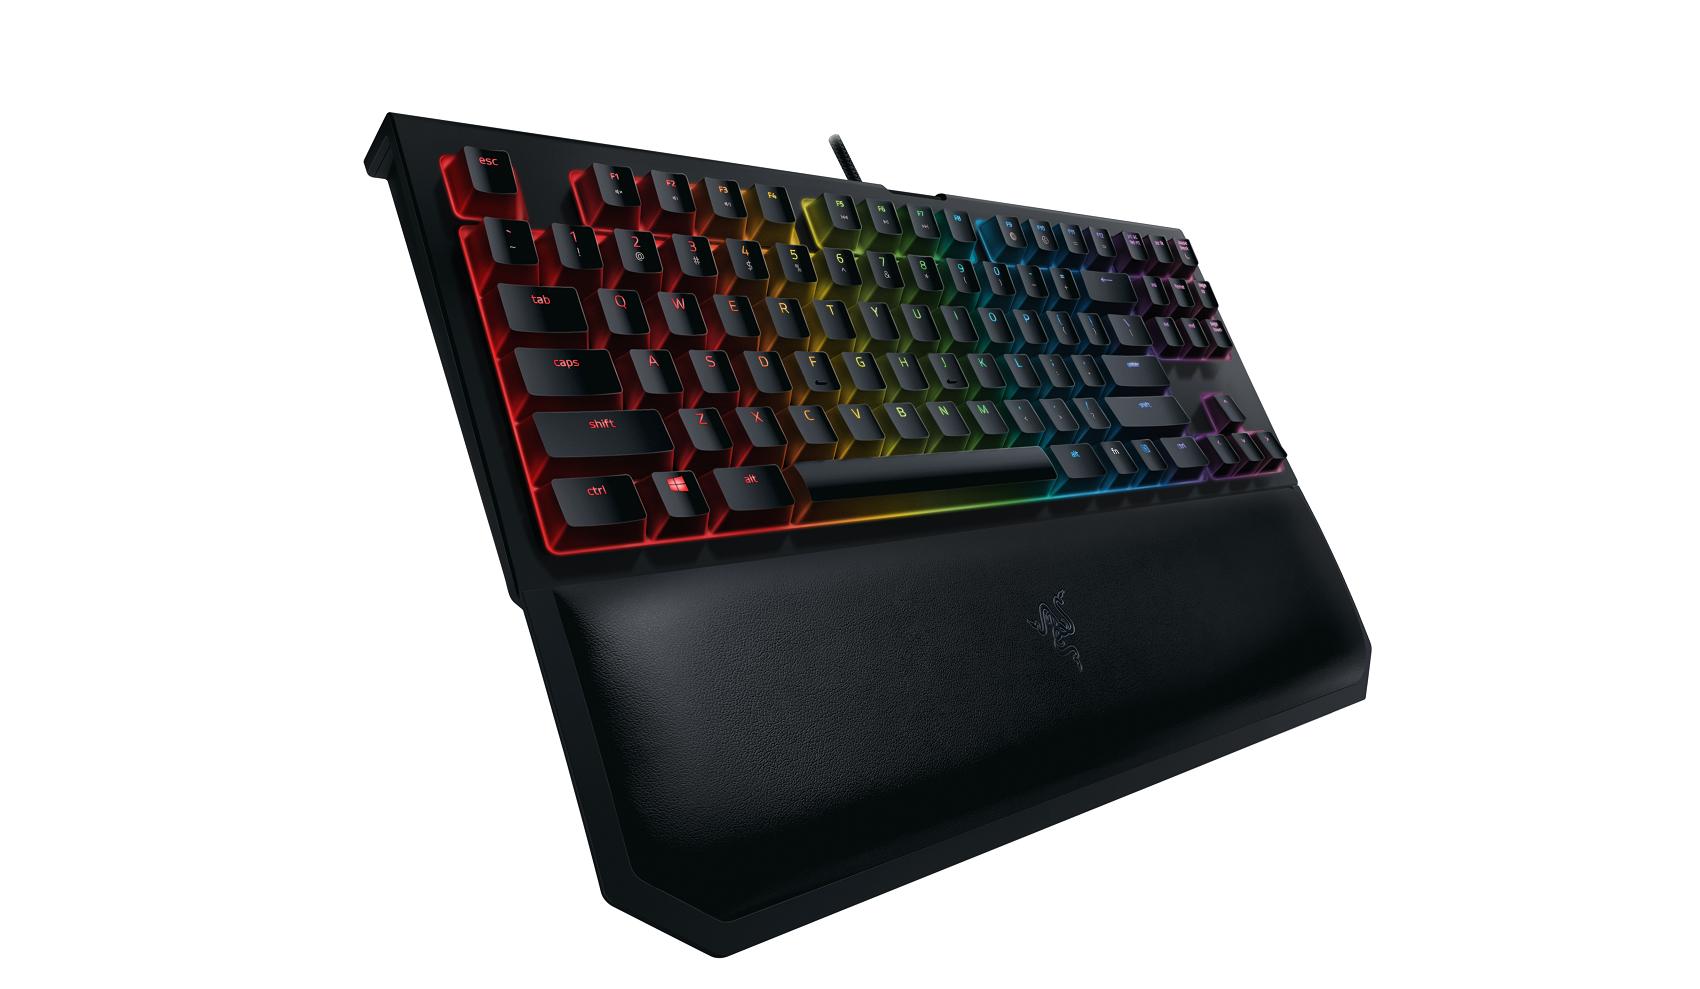 Razer's new BlackWidow Tournament Edition Chroma V2 keyboard is